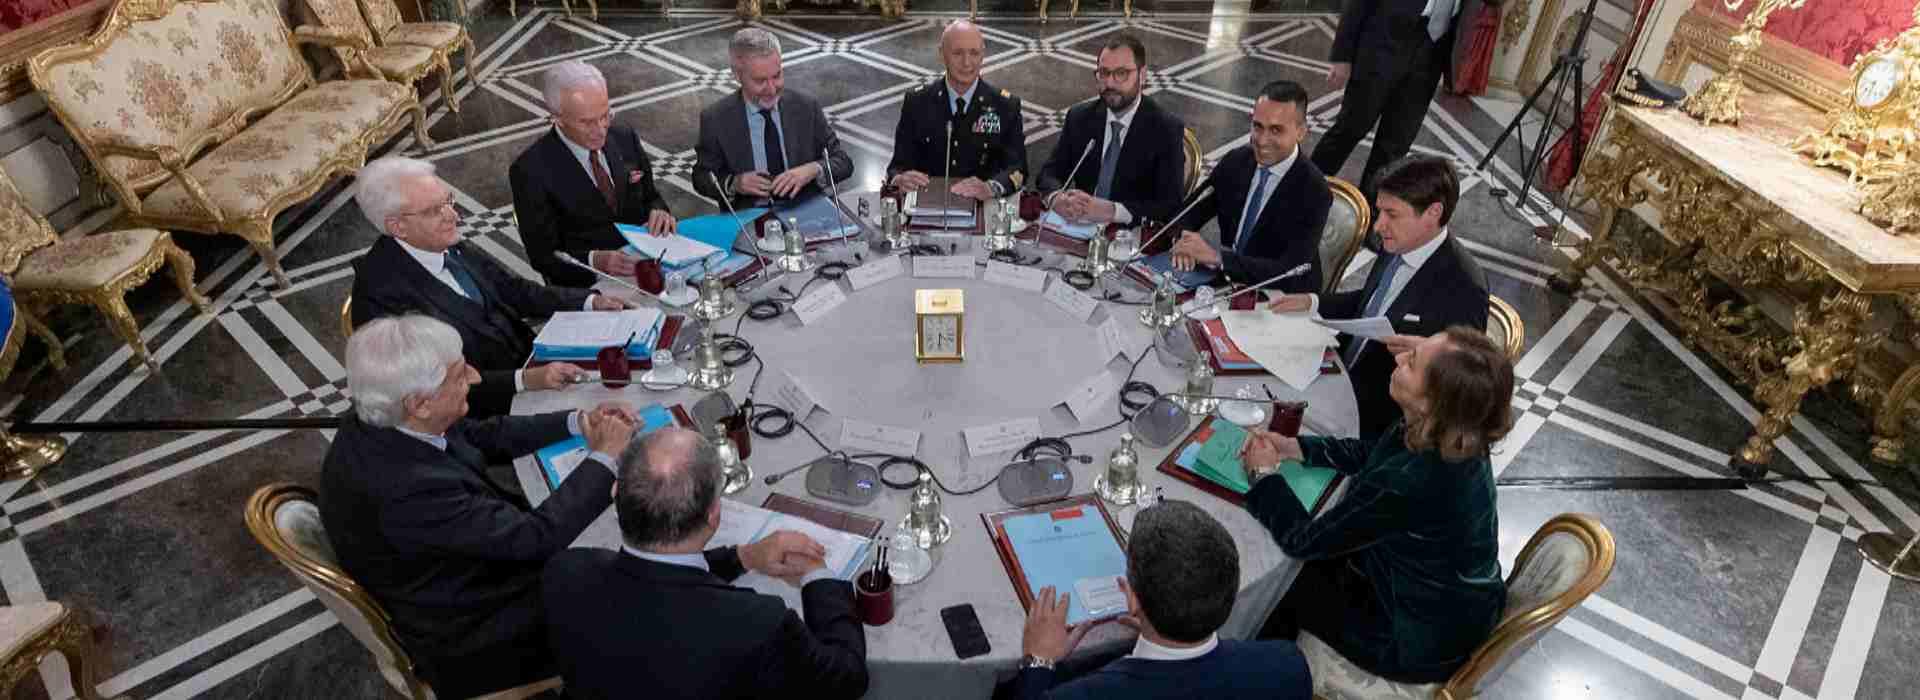 Mattarella convoca il Consiglio di Difesa: si discuterà anche del rispetto del coprifuoco con l'Esercito